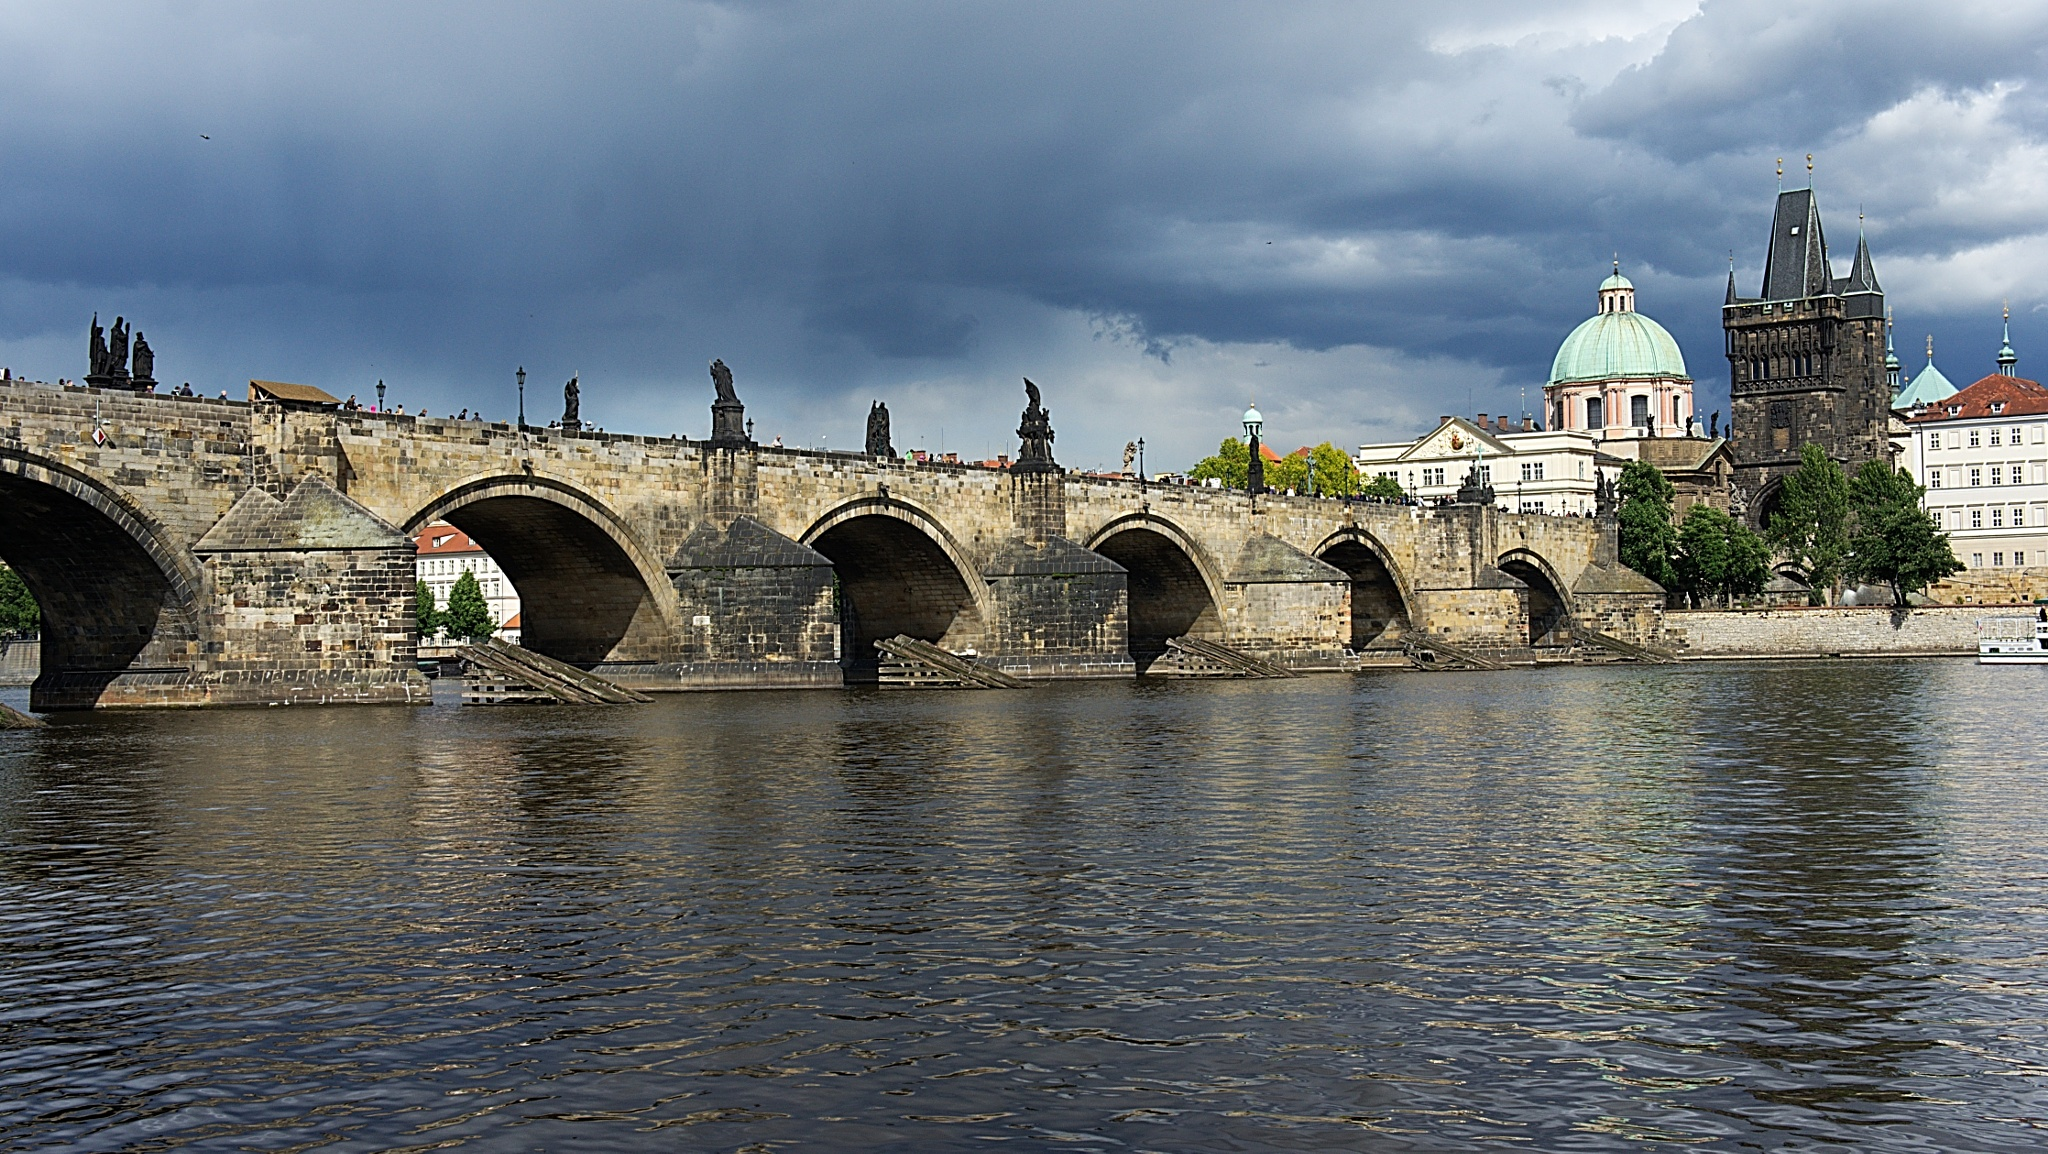 Karluv most / Charles bridge in Prague by kleckaj6